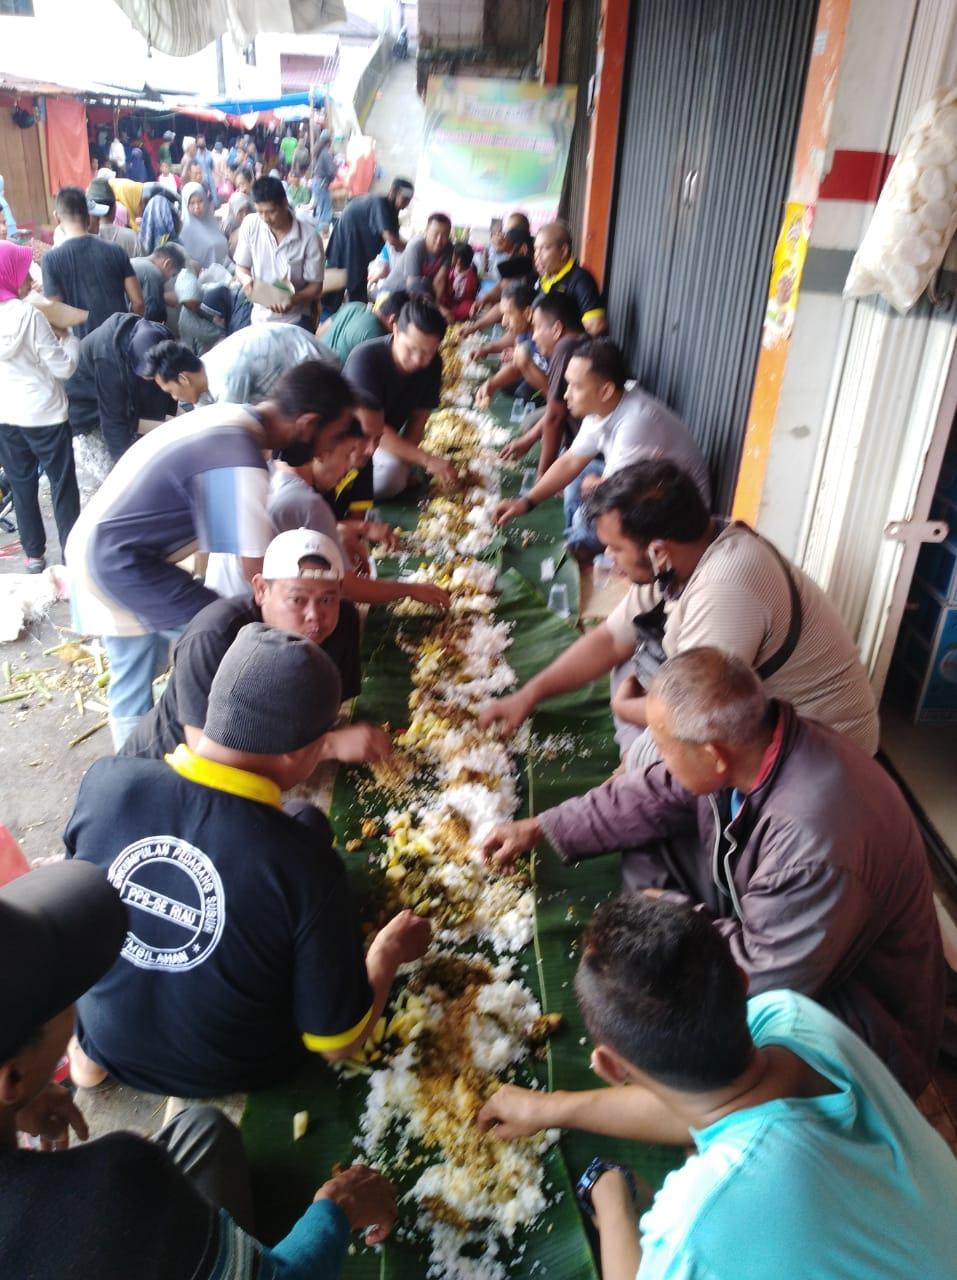 FOTO: Pupuk Kekompakan, PPS Tembilahan Gelar Makan Bersama